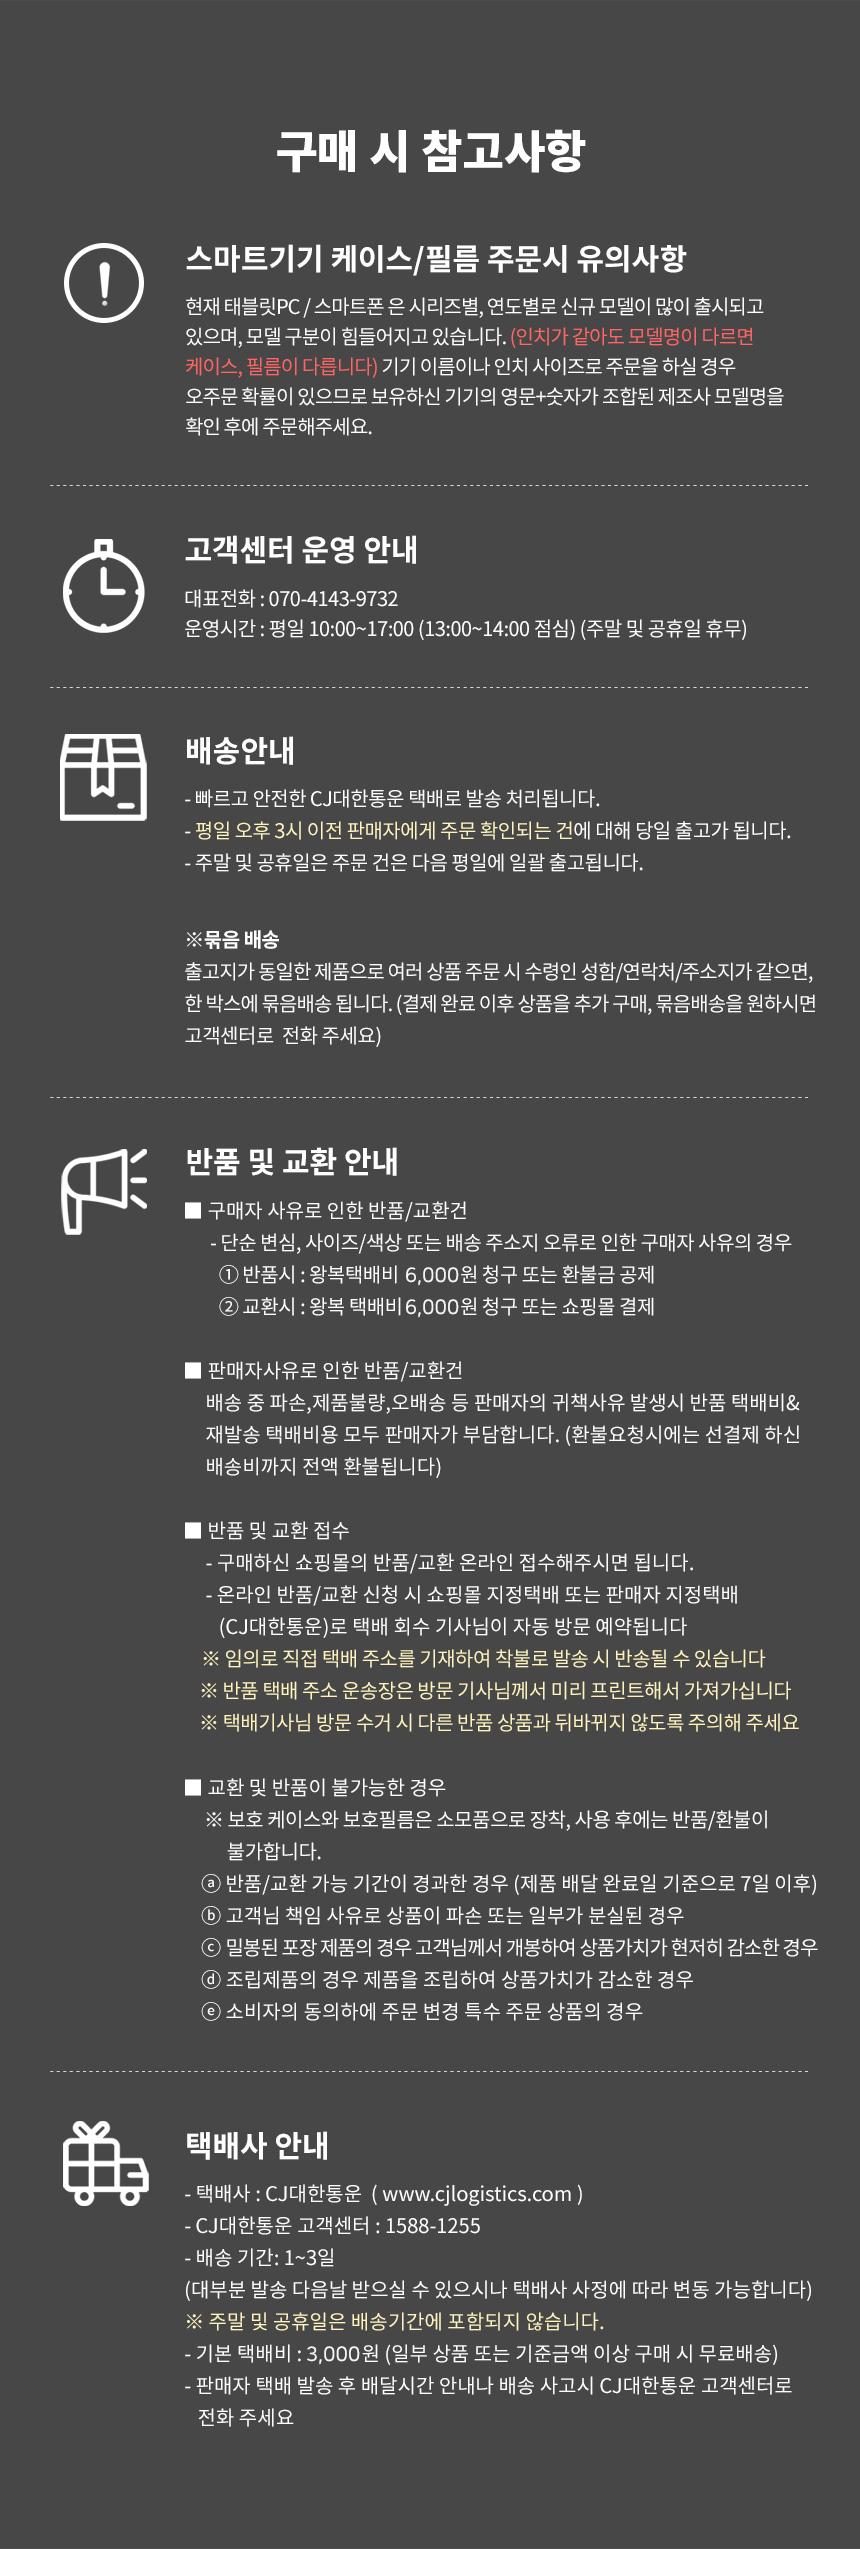 스냅케이스 갤럭시탭A 10.1 2019 킥스탠드 아머케이스 SM-T510 T515 - 스냅케이스, 12,100원, 케이스, 기타 갤럭시 제품